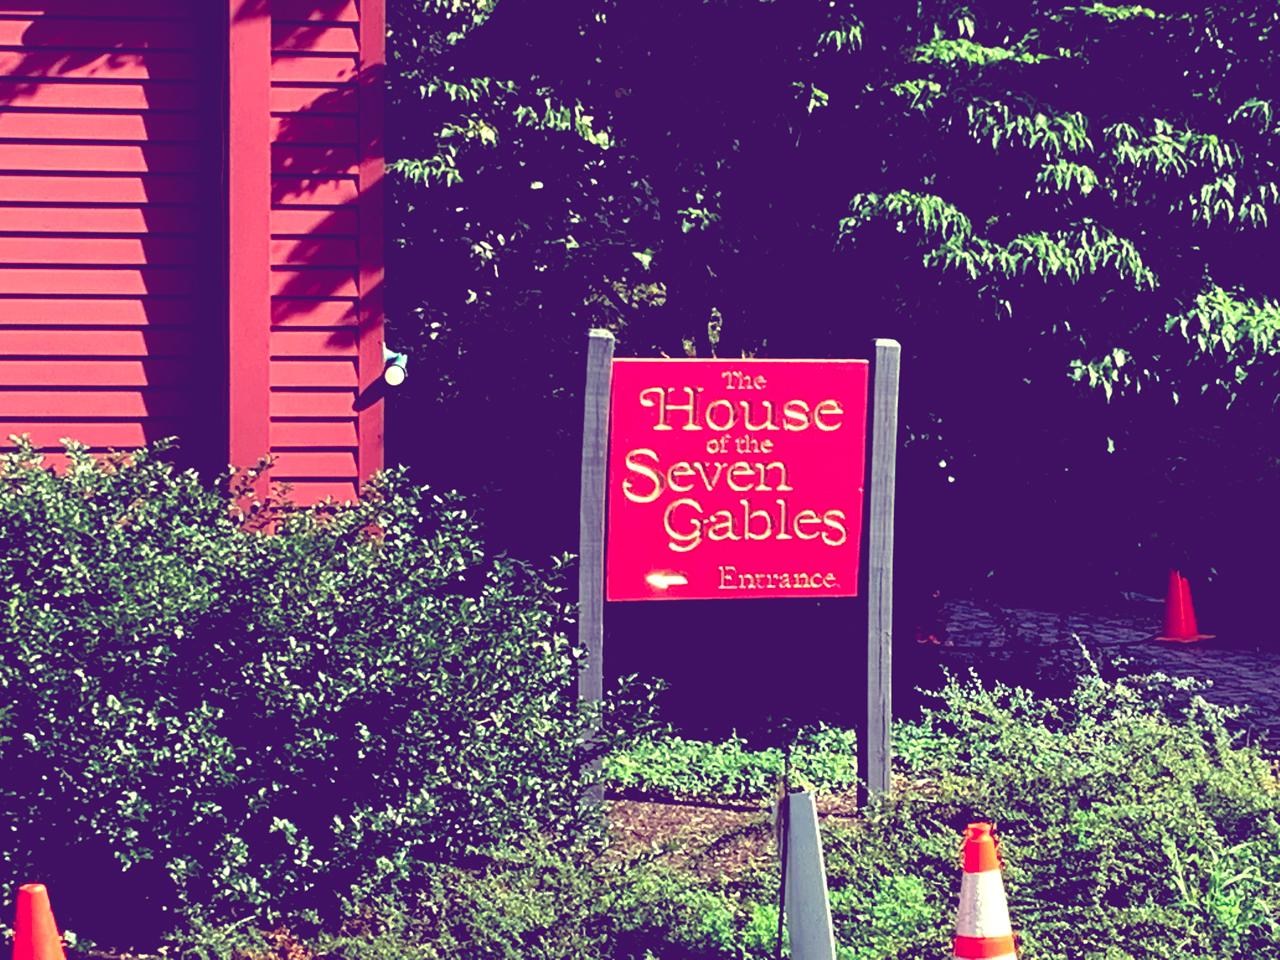 house-of-the-seven-gables-salem-massachusetts-1280x960-08